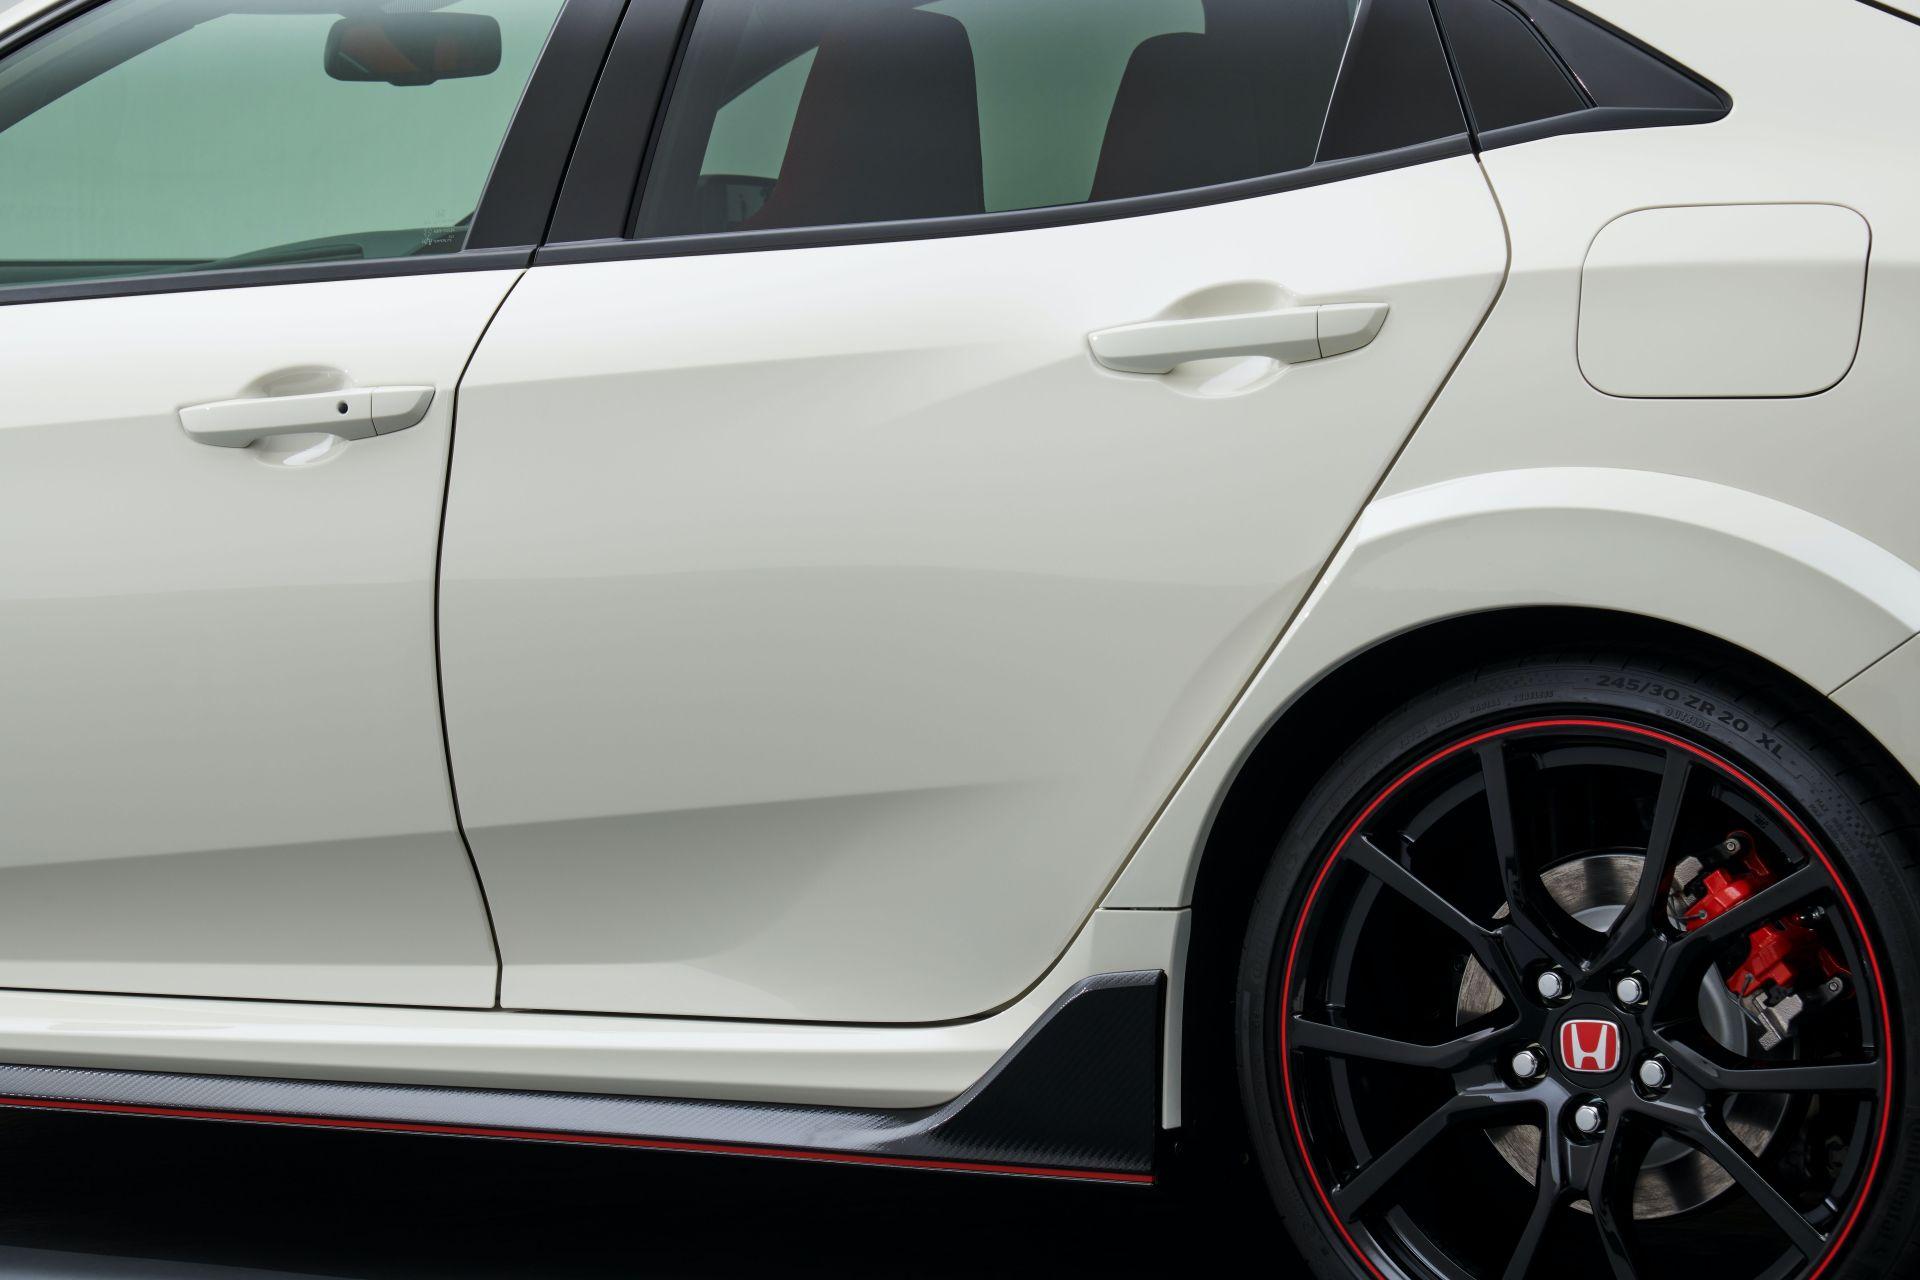 2021_Honda_Civic_Type_R_Modulo_0016